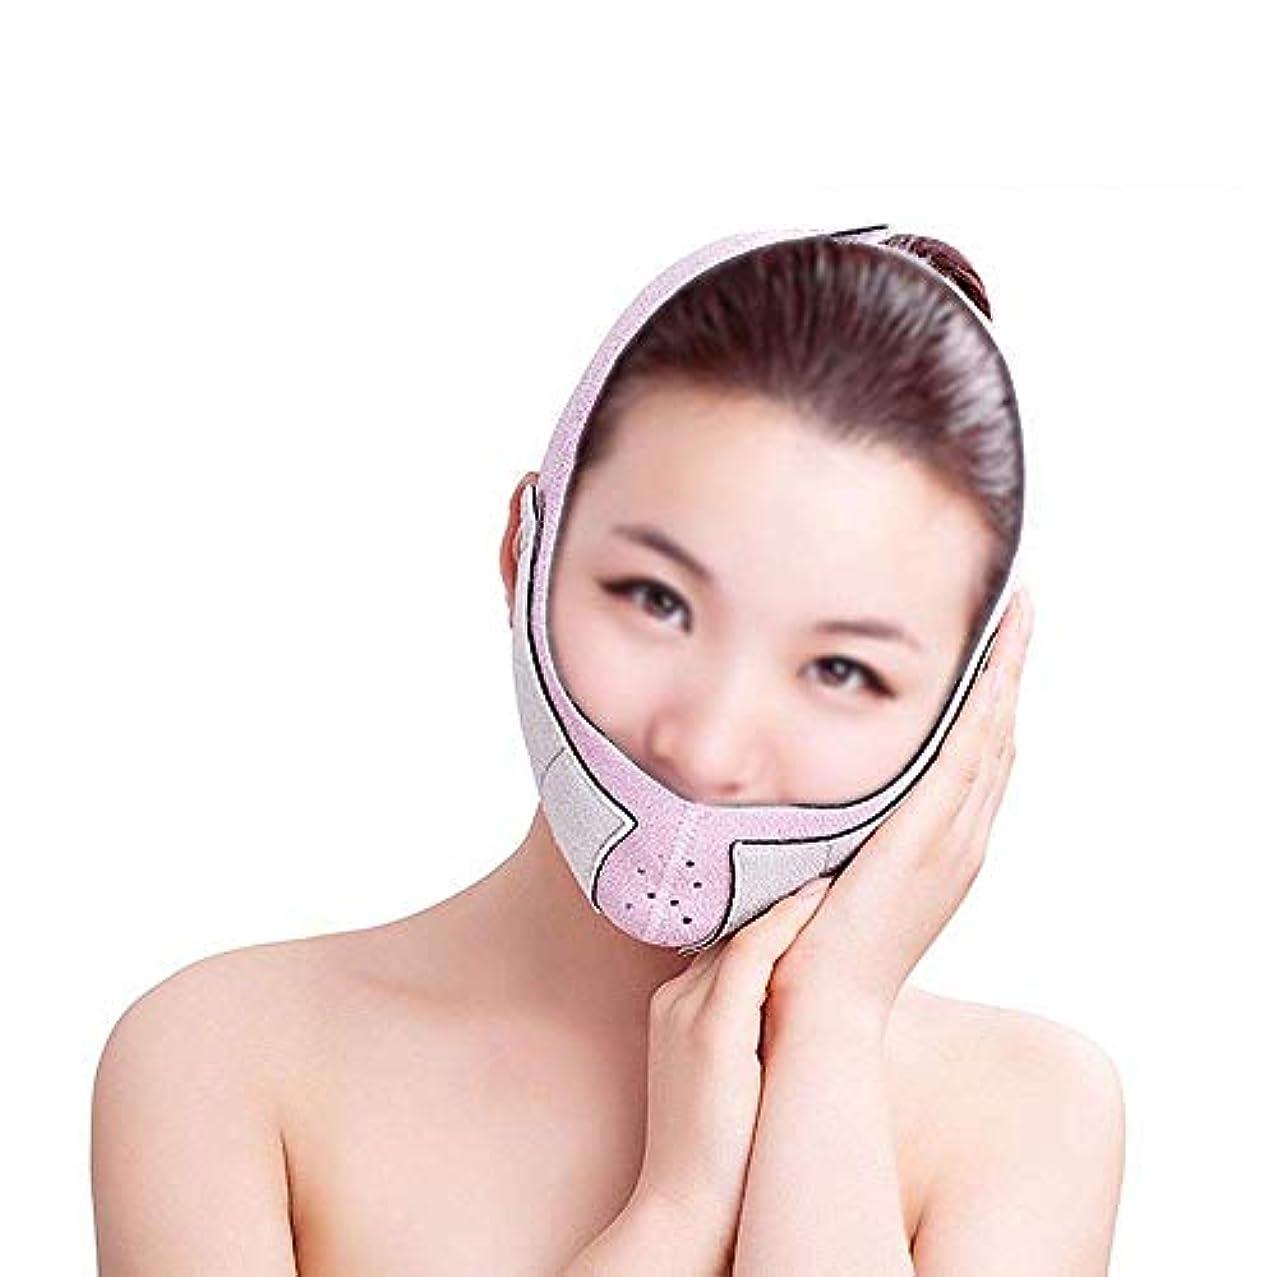 値するプレーヤー機械フェイスリフトマスク、スリミングベルト薄いフェイスマスク強力なリフティング小さなV顔薄い顔包帯美容顔リフティングデバイス